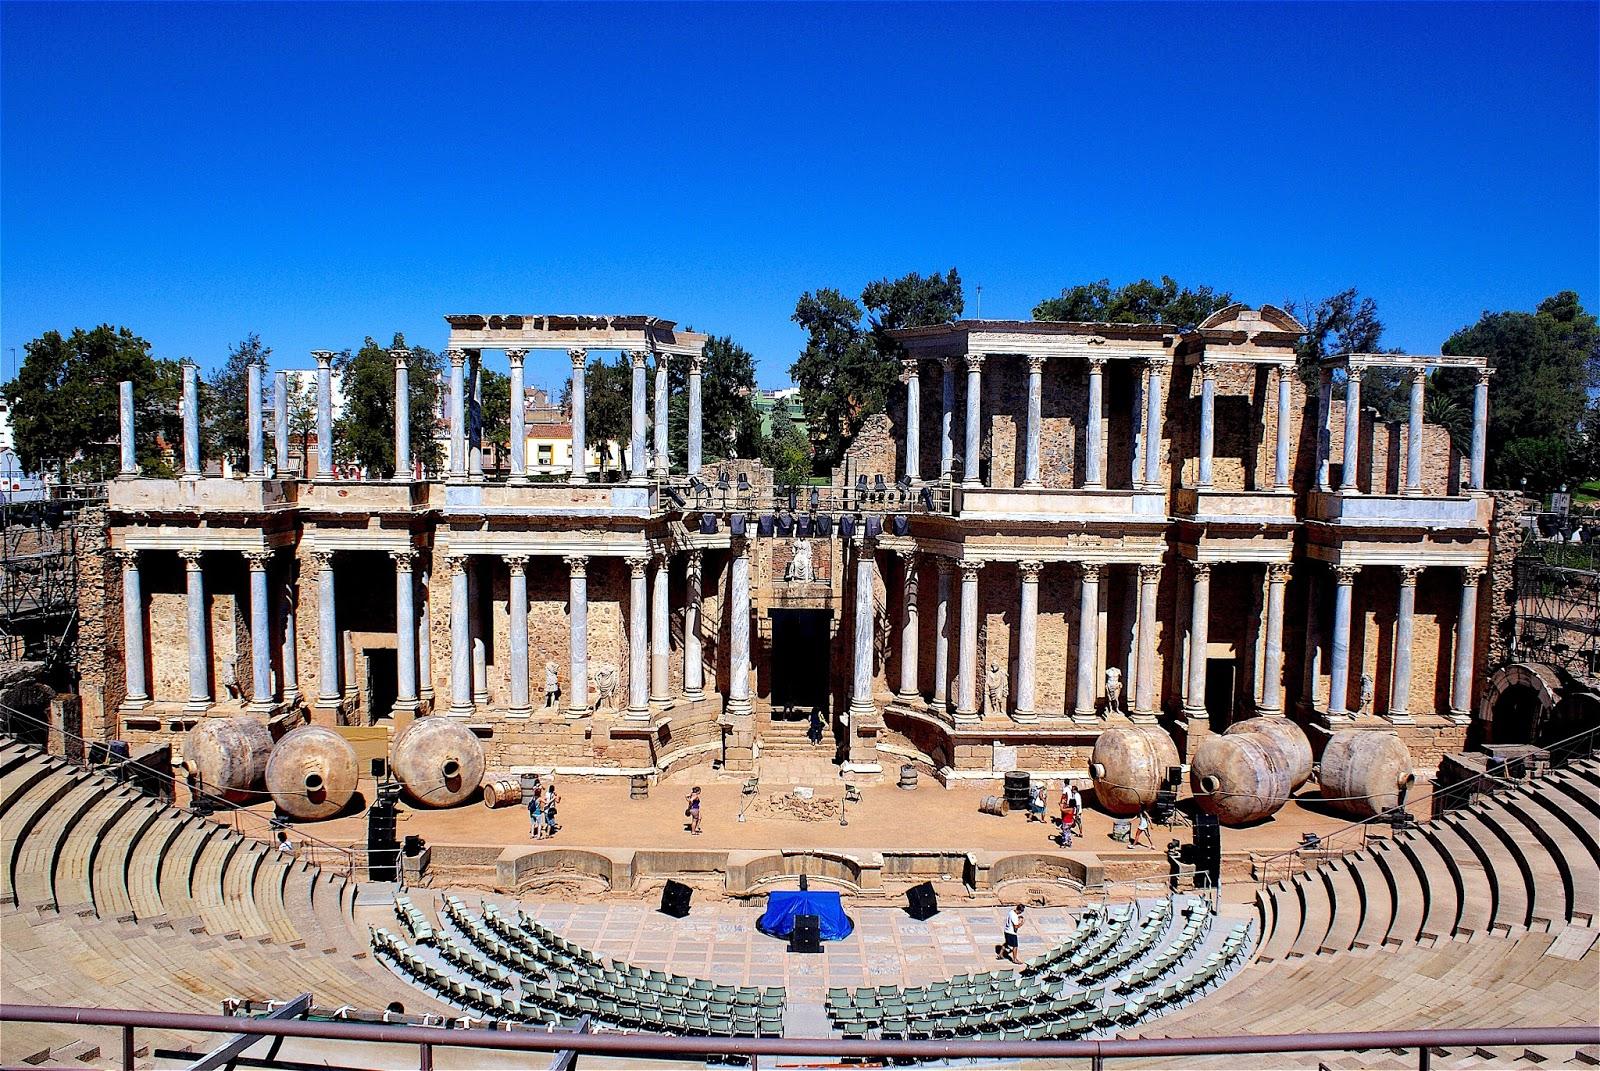 Boda Teatro Romano Merida : Mérida teatro romano siglos i y ii fotografía